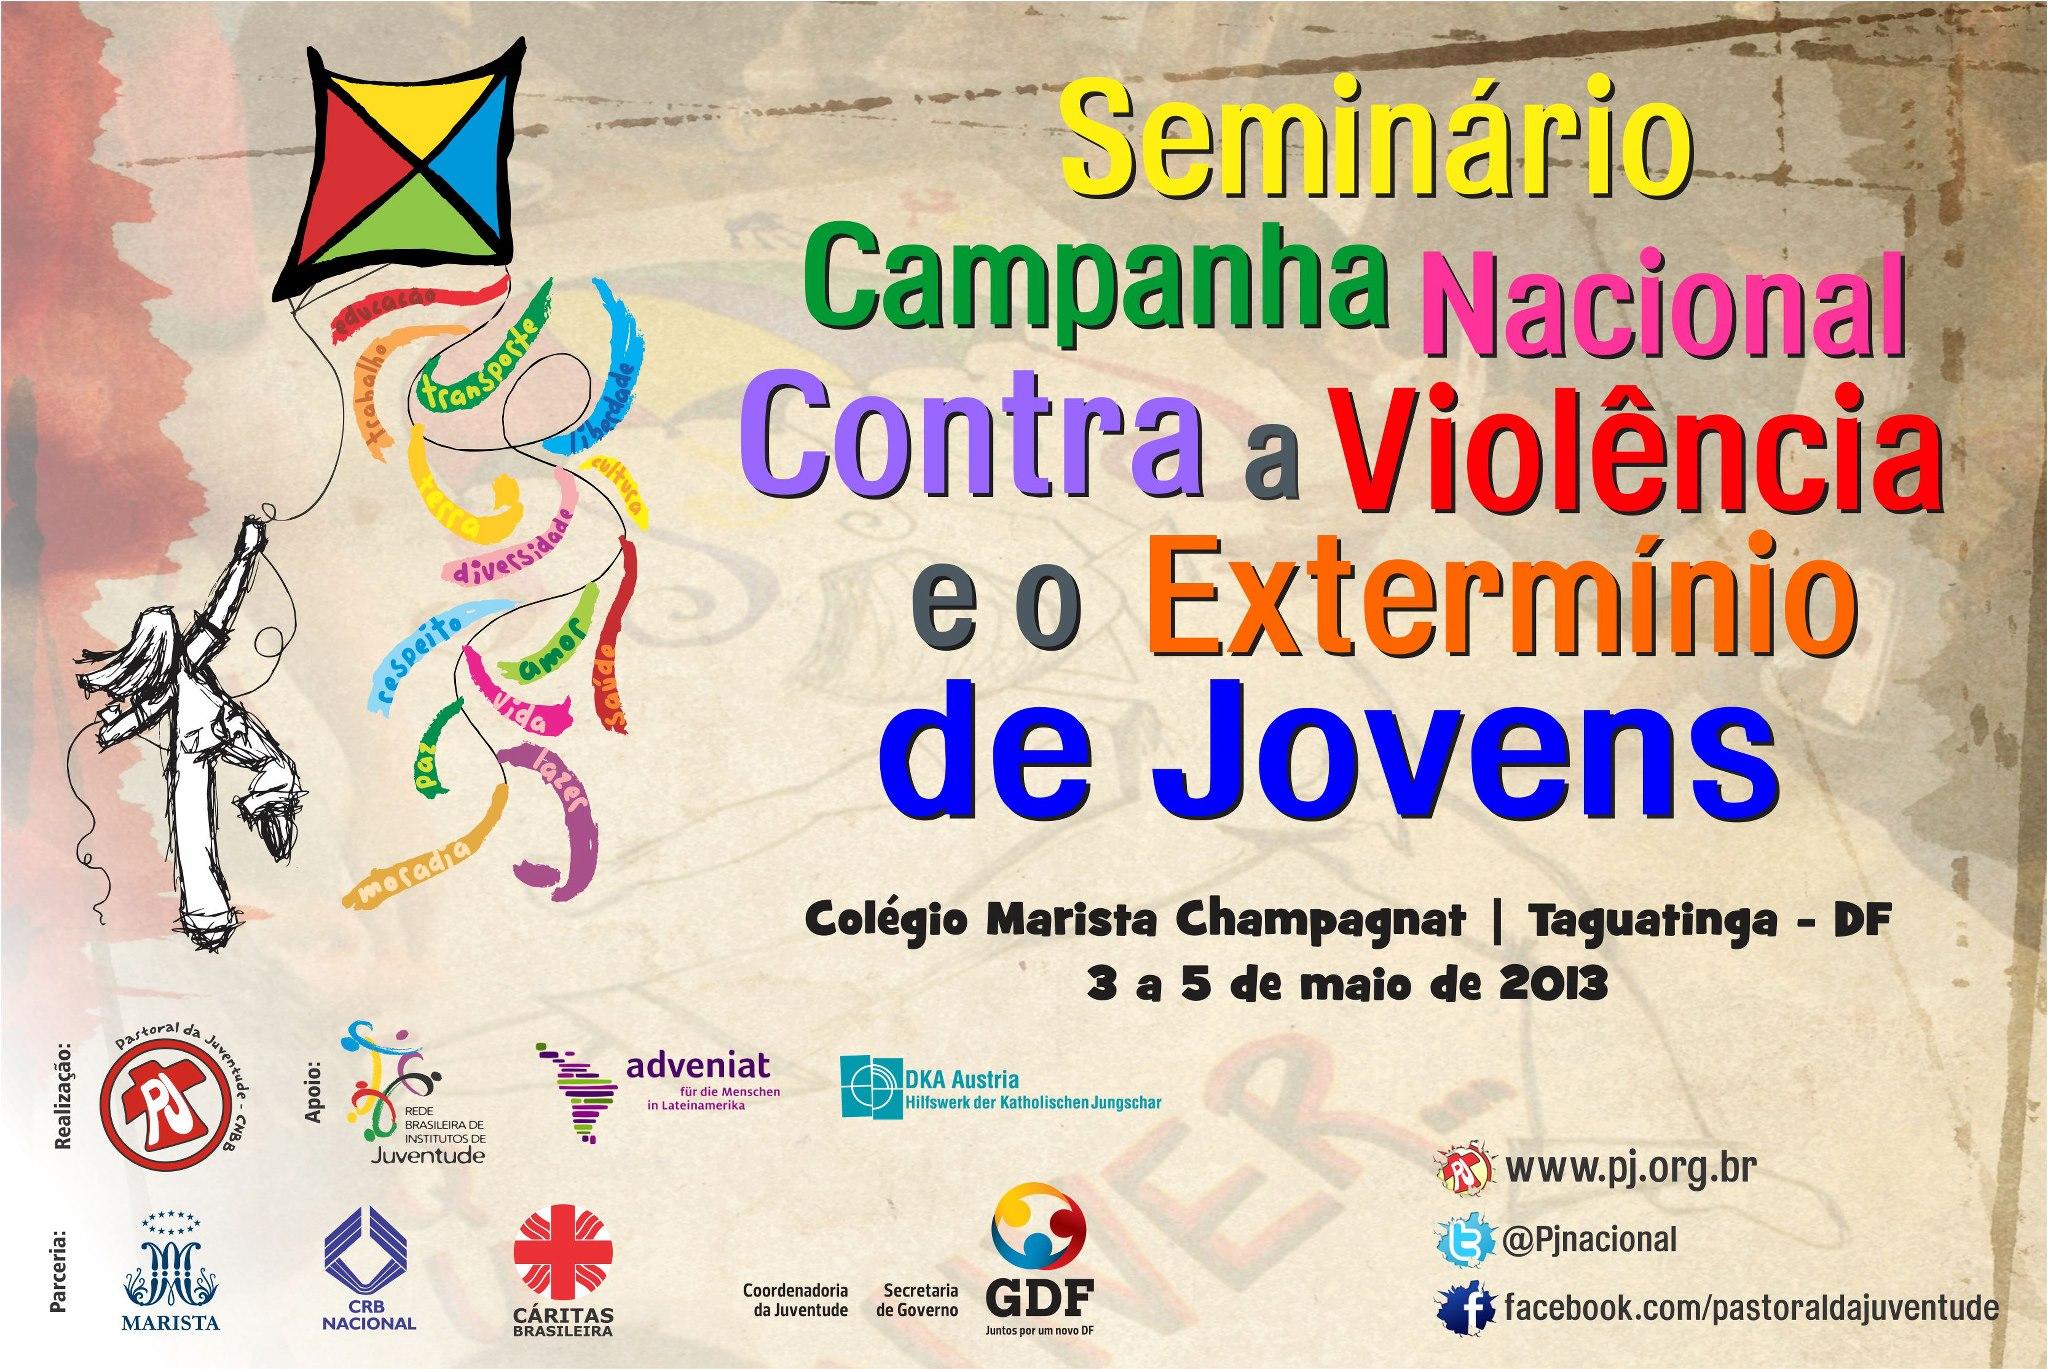 PJ e Maristas realizam seminário da campanha contra a violência e extermínio de jovens